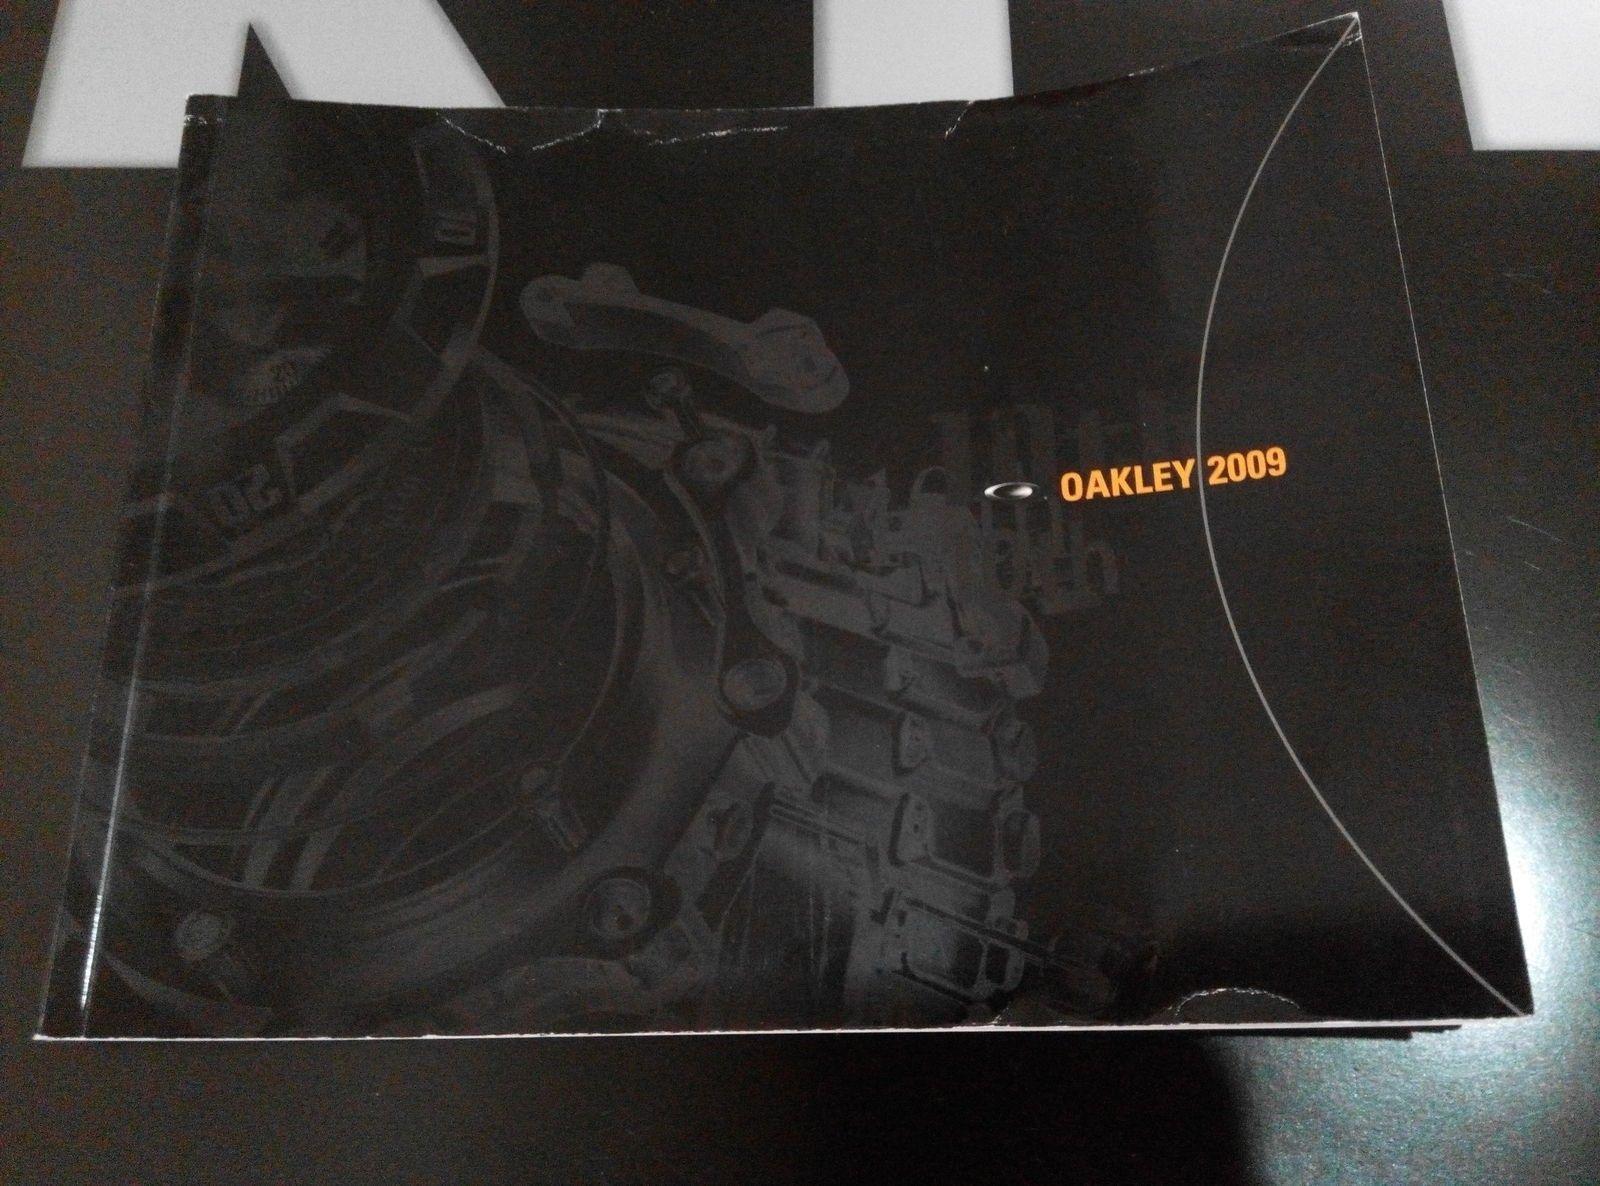 Oakley Watch Catalog - IMG_20150319_144408.jpg